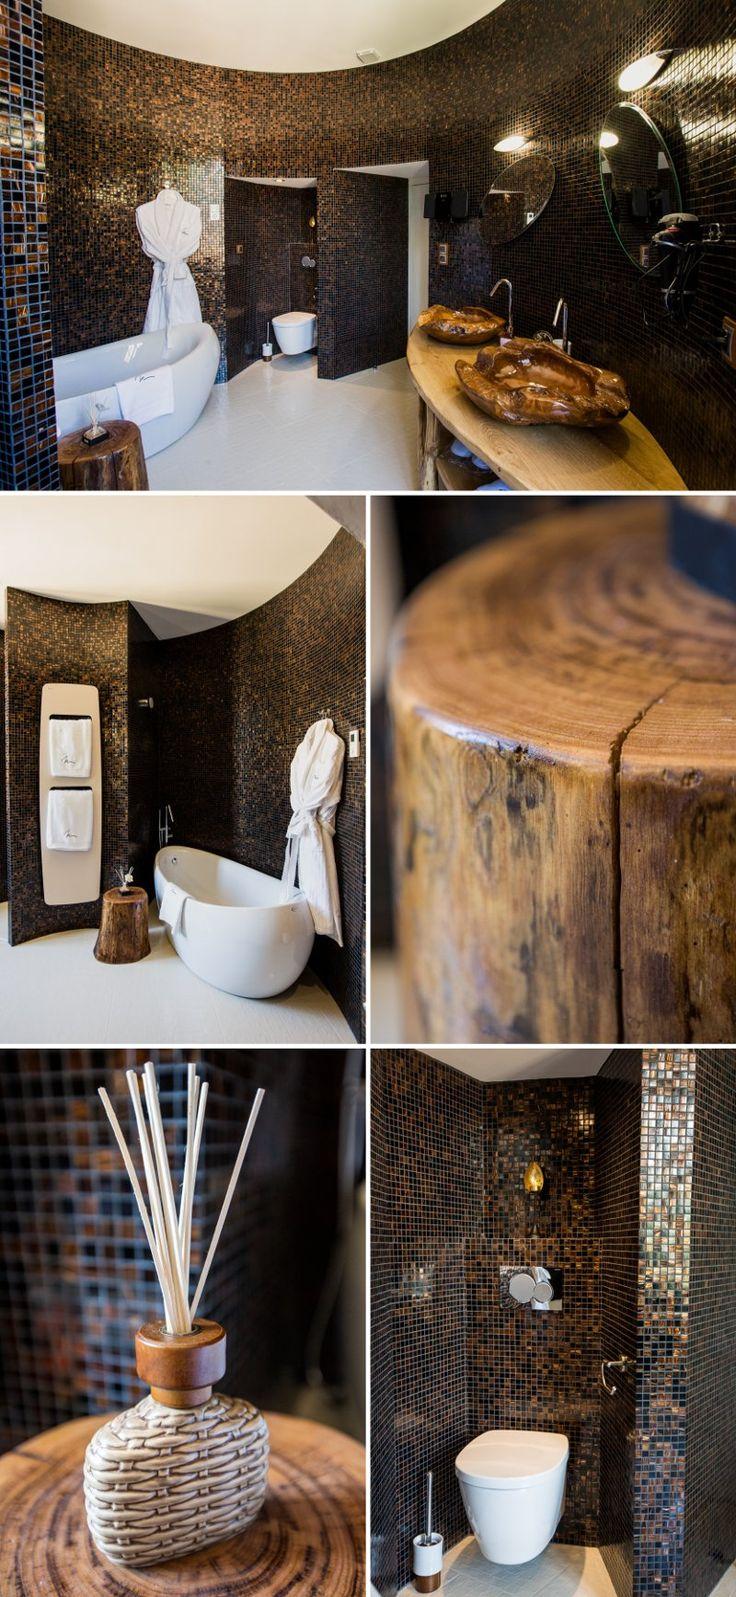 les 25 meilleures id es de la cat gorie salle de bains carrel e en mosa que sur pinterest. Black Bedroom Furniture Sets. Home Design Ideas